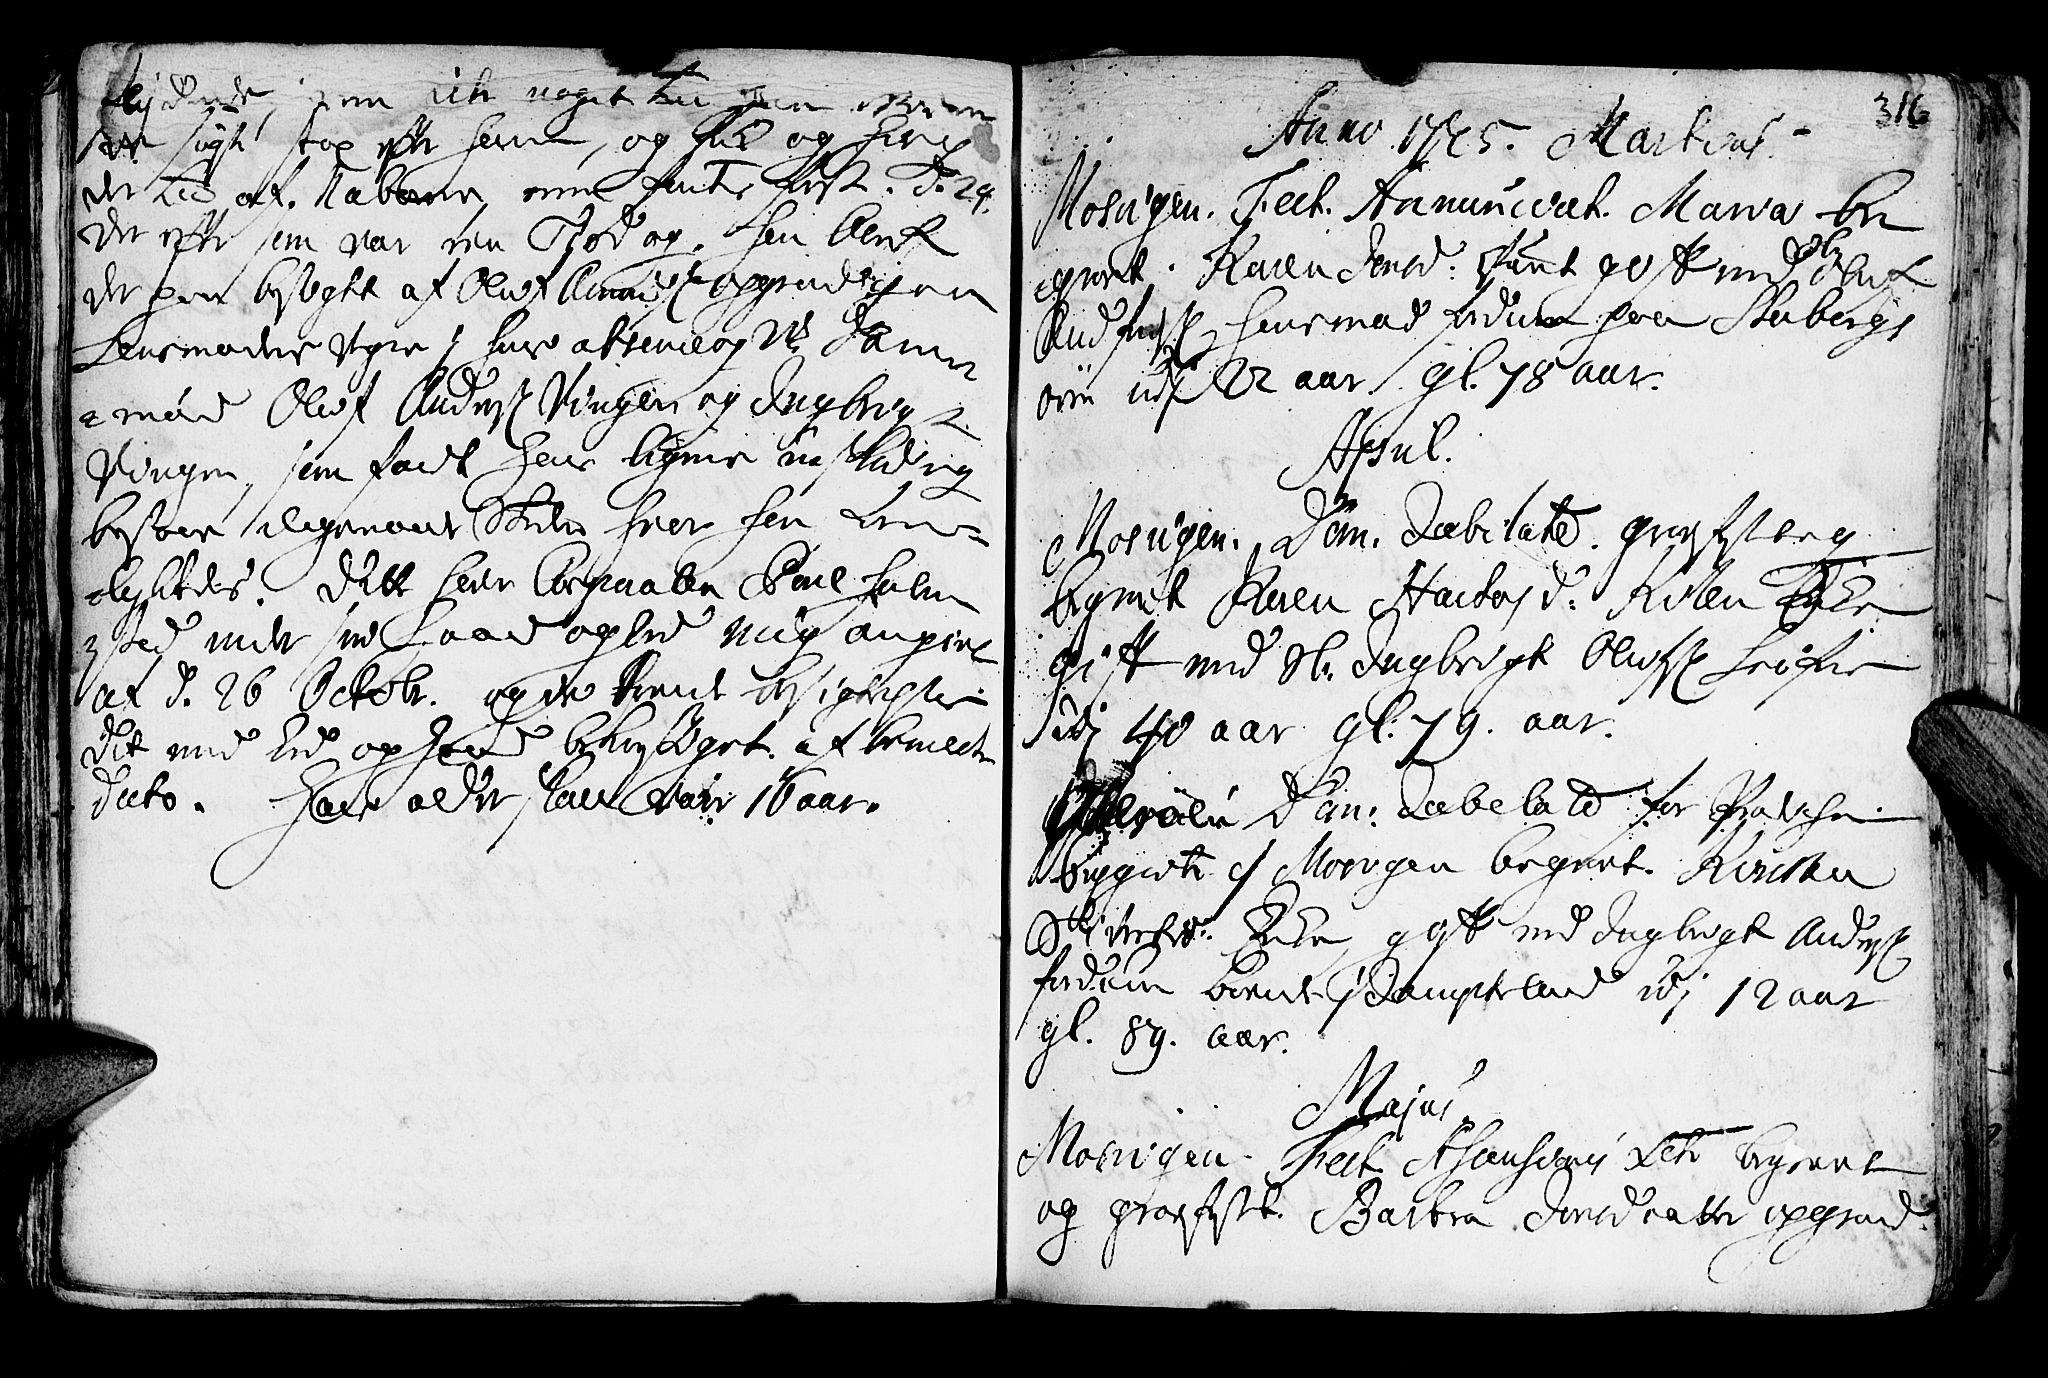 SAT, Ministerialprotokoller, klokkerbøker og fødselsregistre - Nord-Trøndelag, 722/L0215: Ministerialbok nr. 722A02, 1718-1755, s. 316